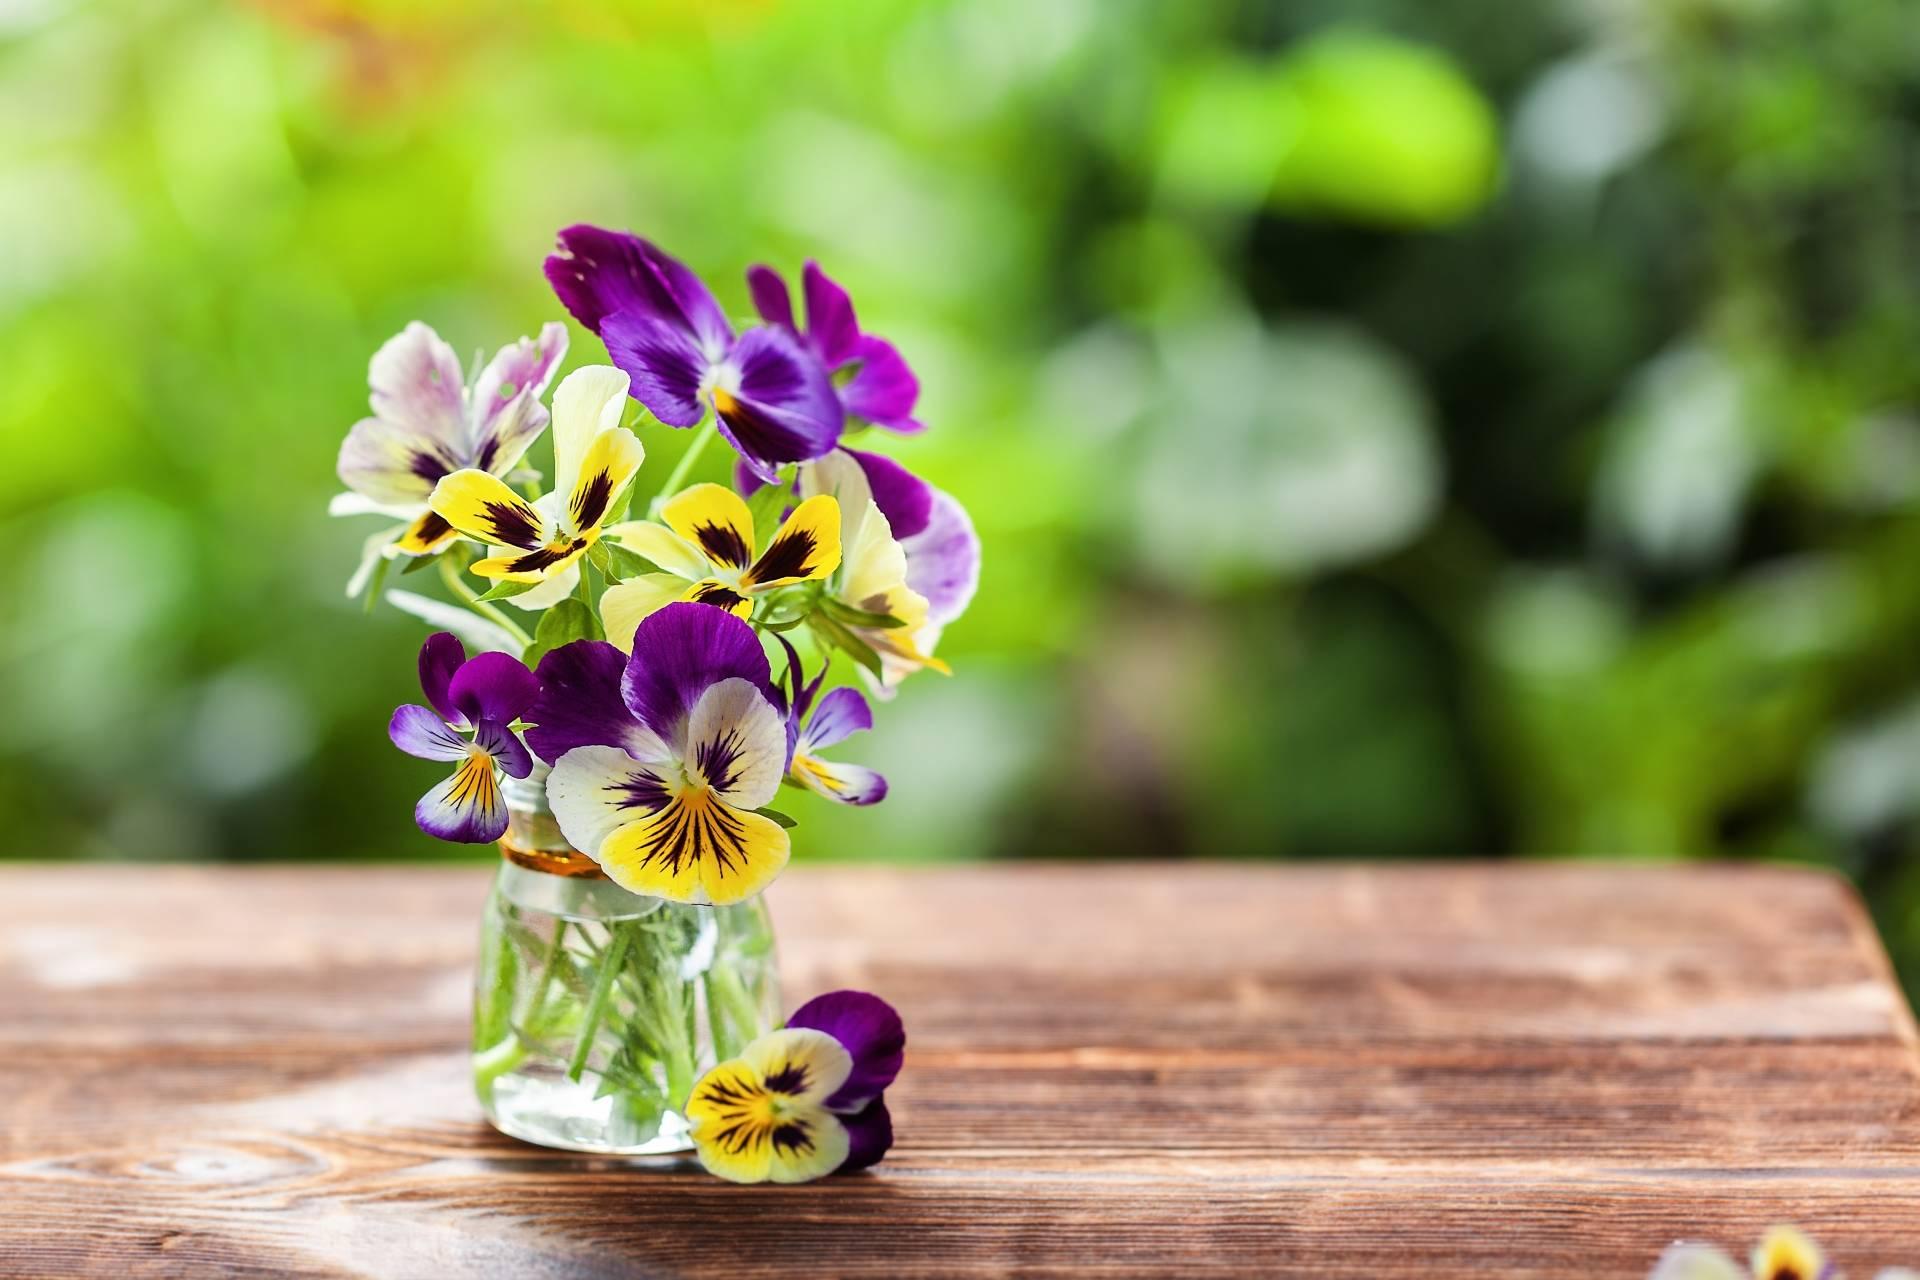 Bukiet bratków w wazoniku na drewnianym stole w ogrodzie. Jakie właściwości i zastosowanie ma fiołek trójbarwny?